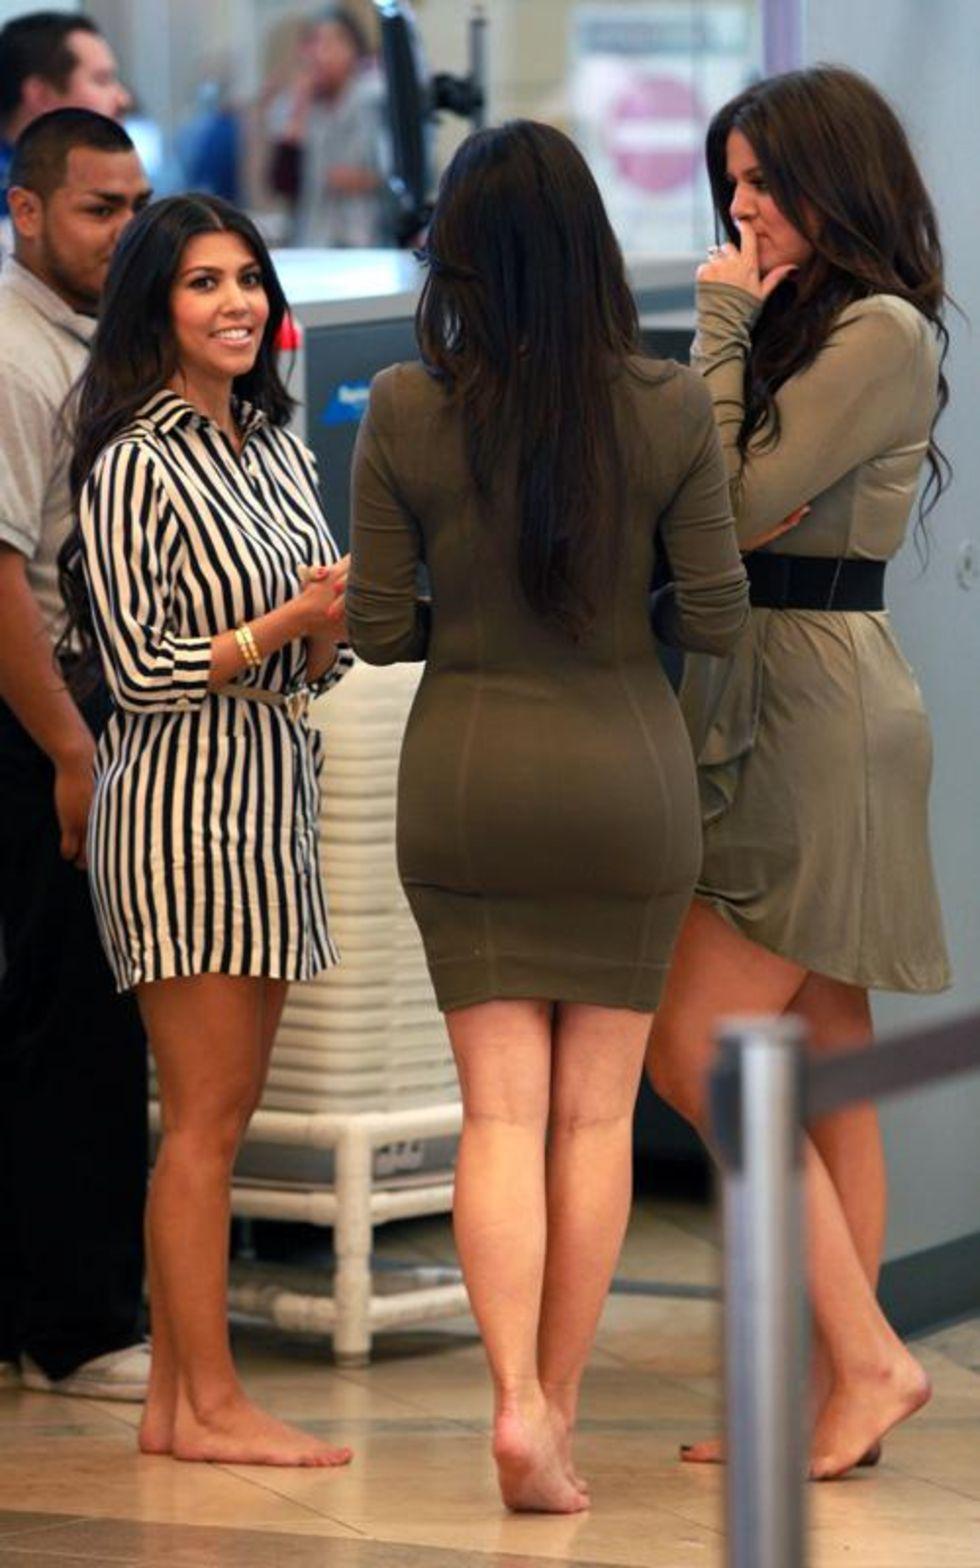 Kim Khloe And Kourtney Kardashian At John Wayne Airport 08